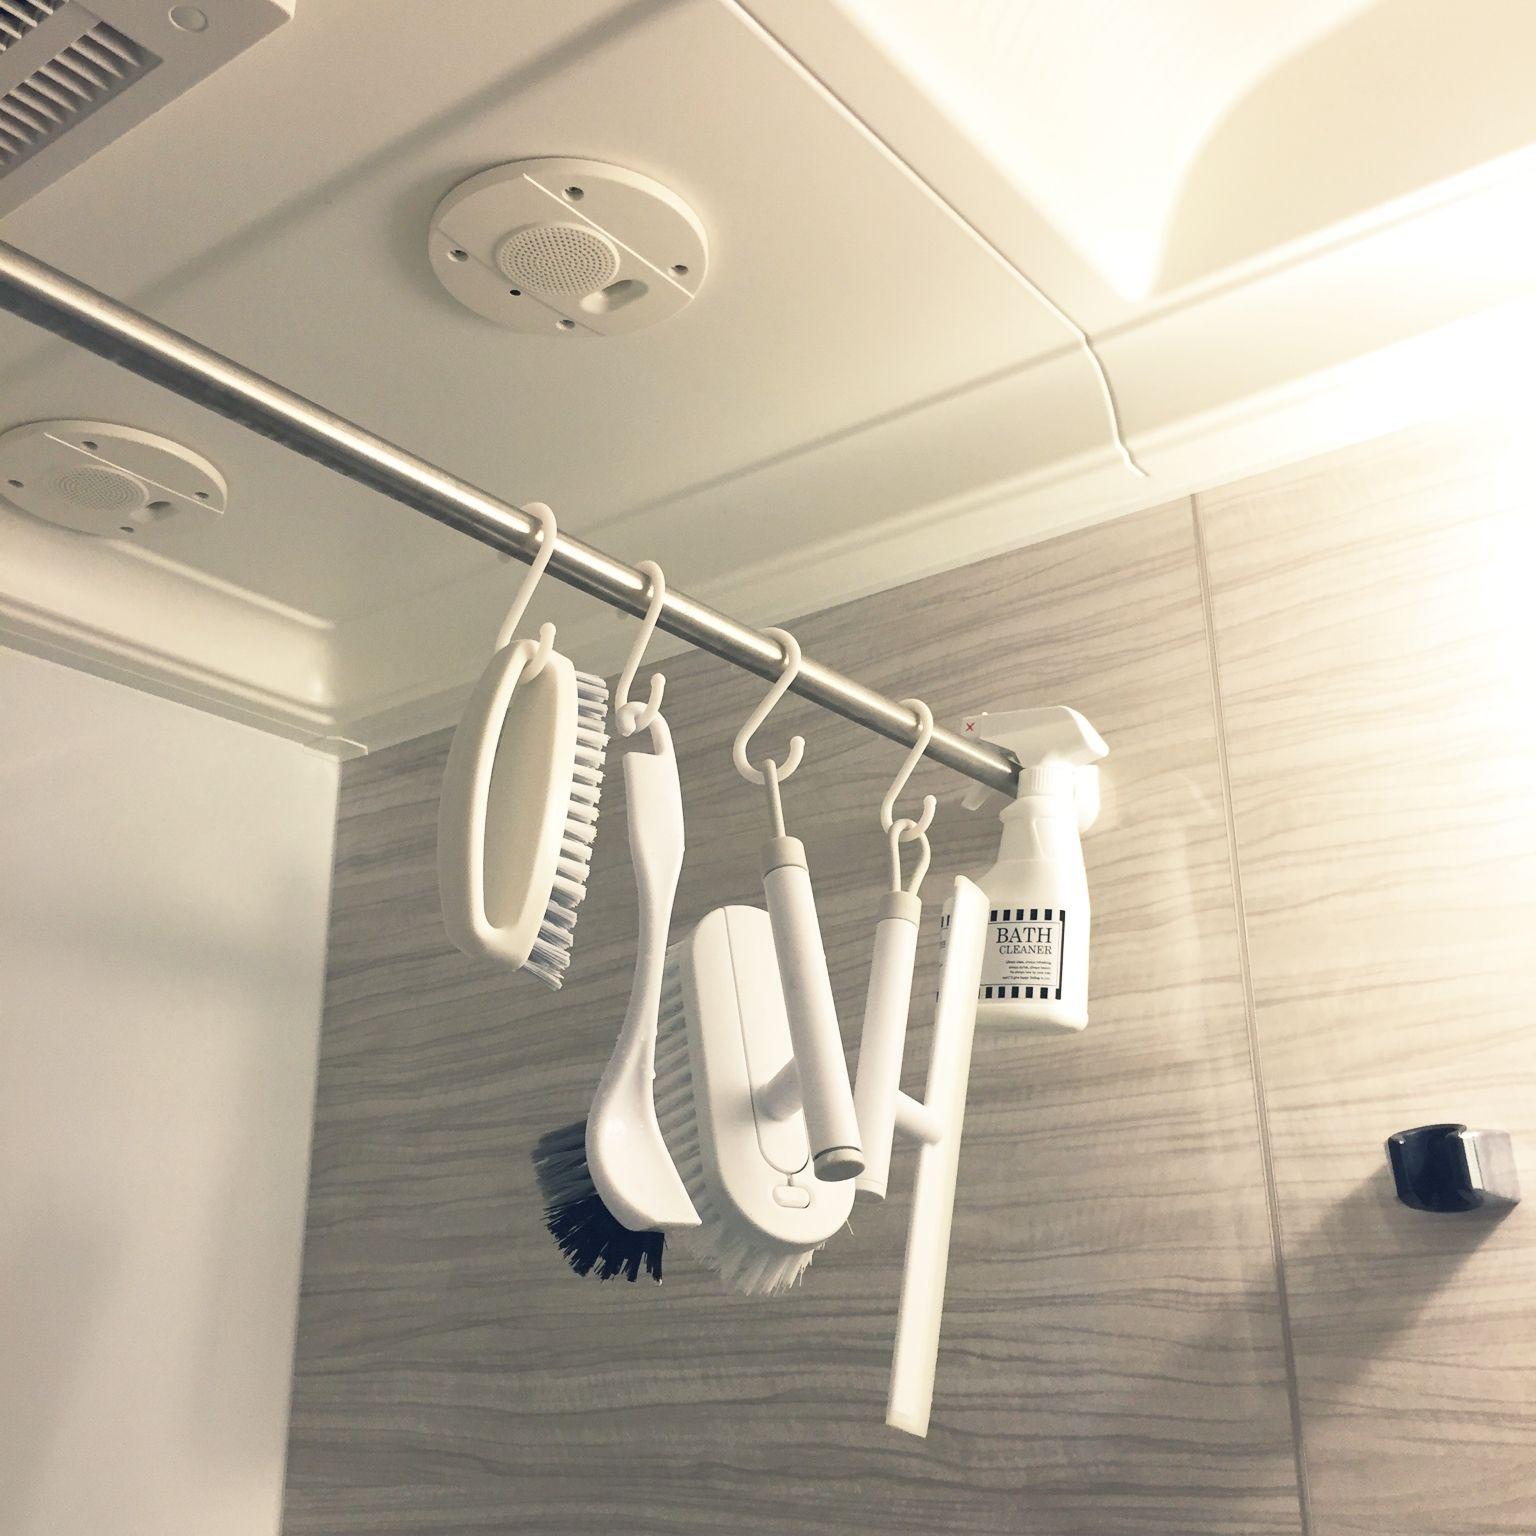 バス トイレ サウンドシャワー 白が好き ラベル ホワイトインテリア